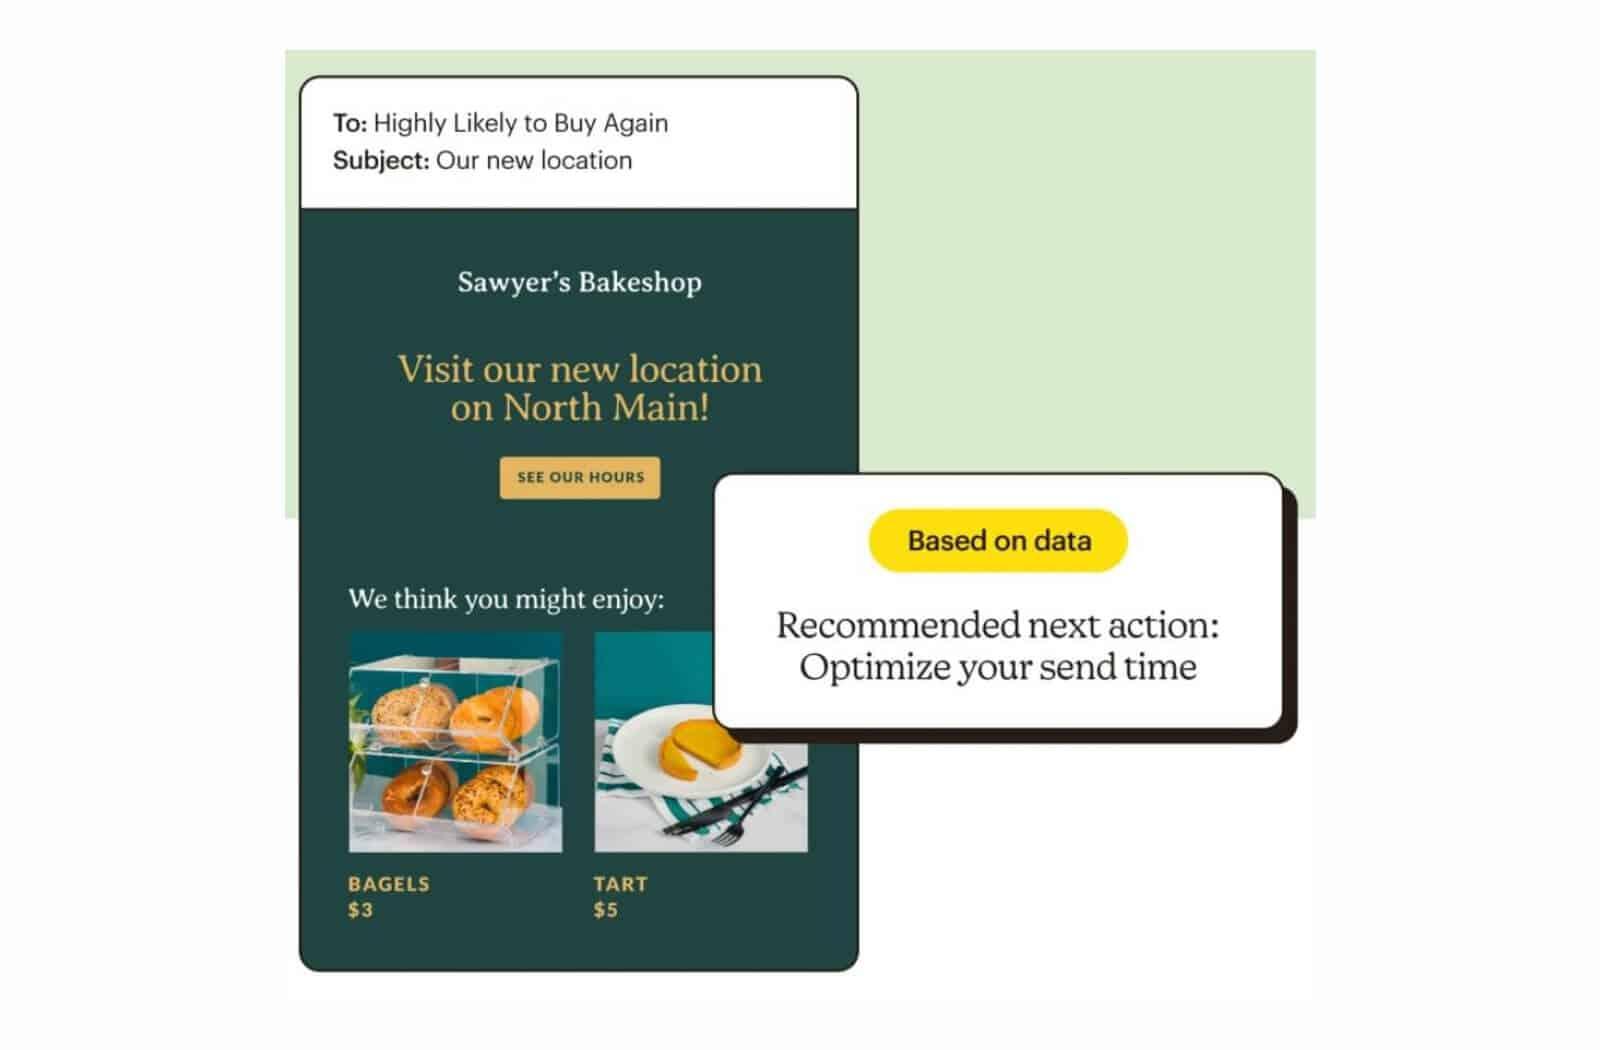 Mailchimp has a handy smart recommendation feature